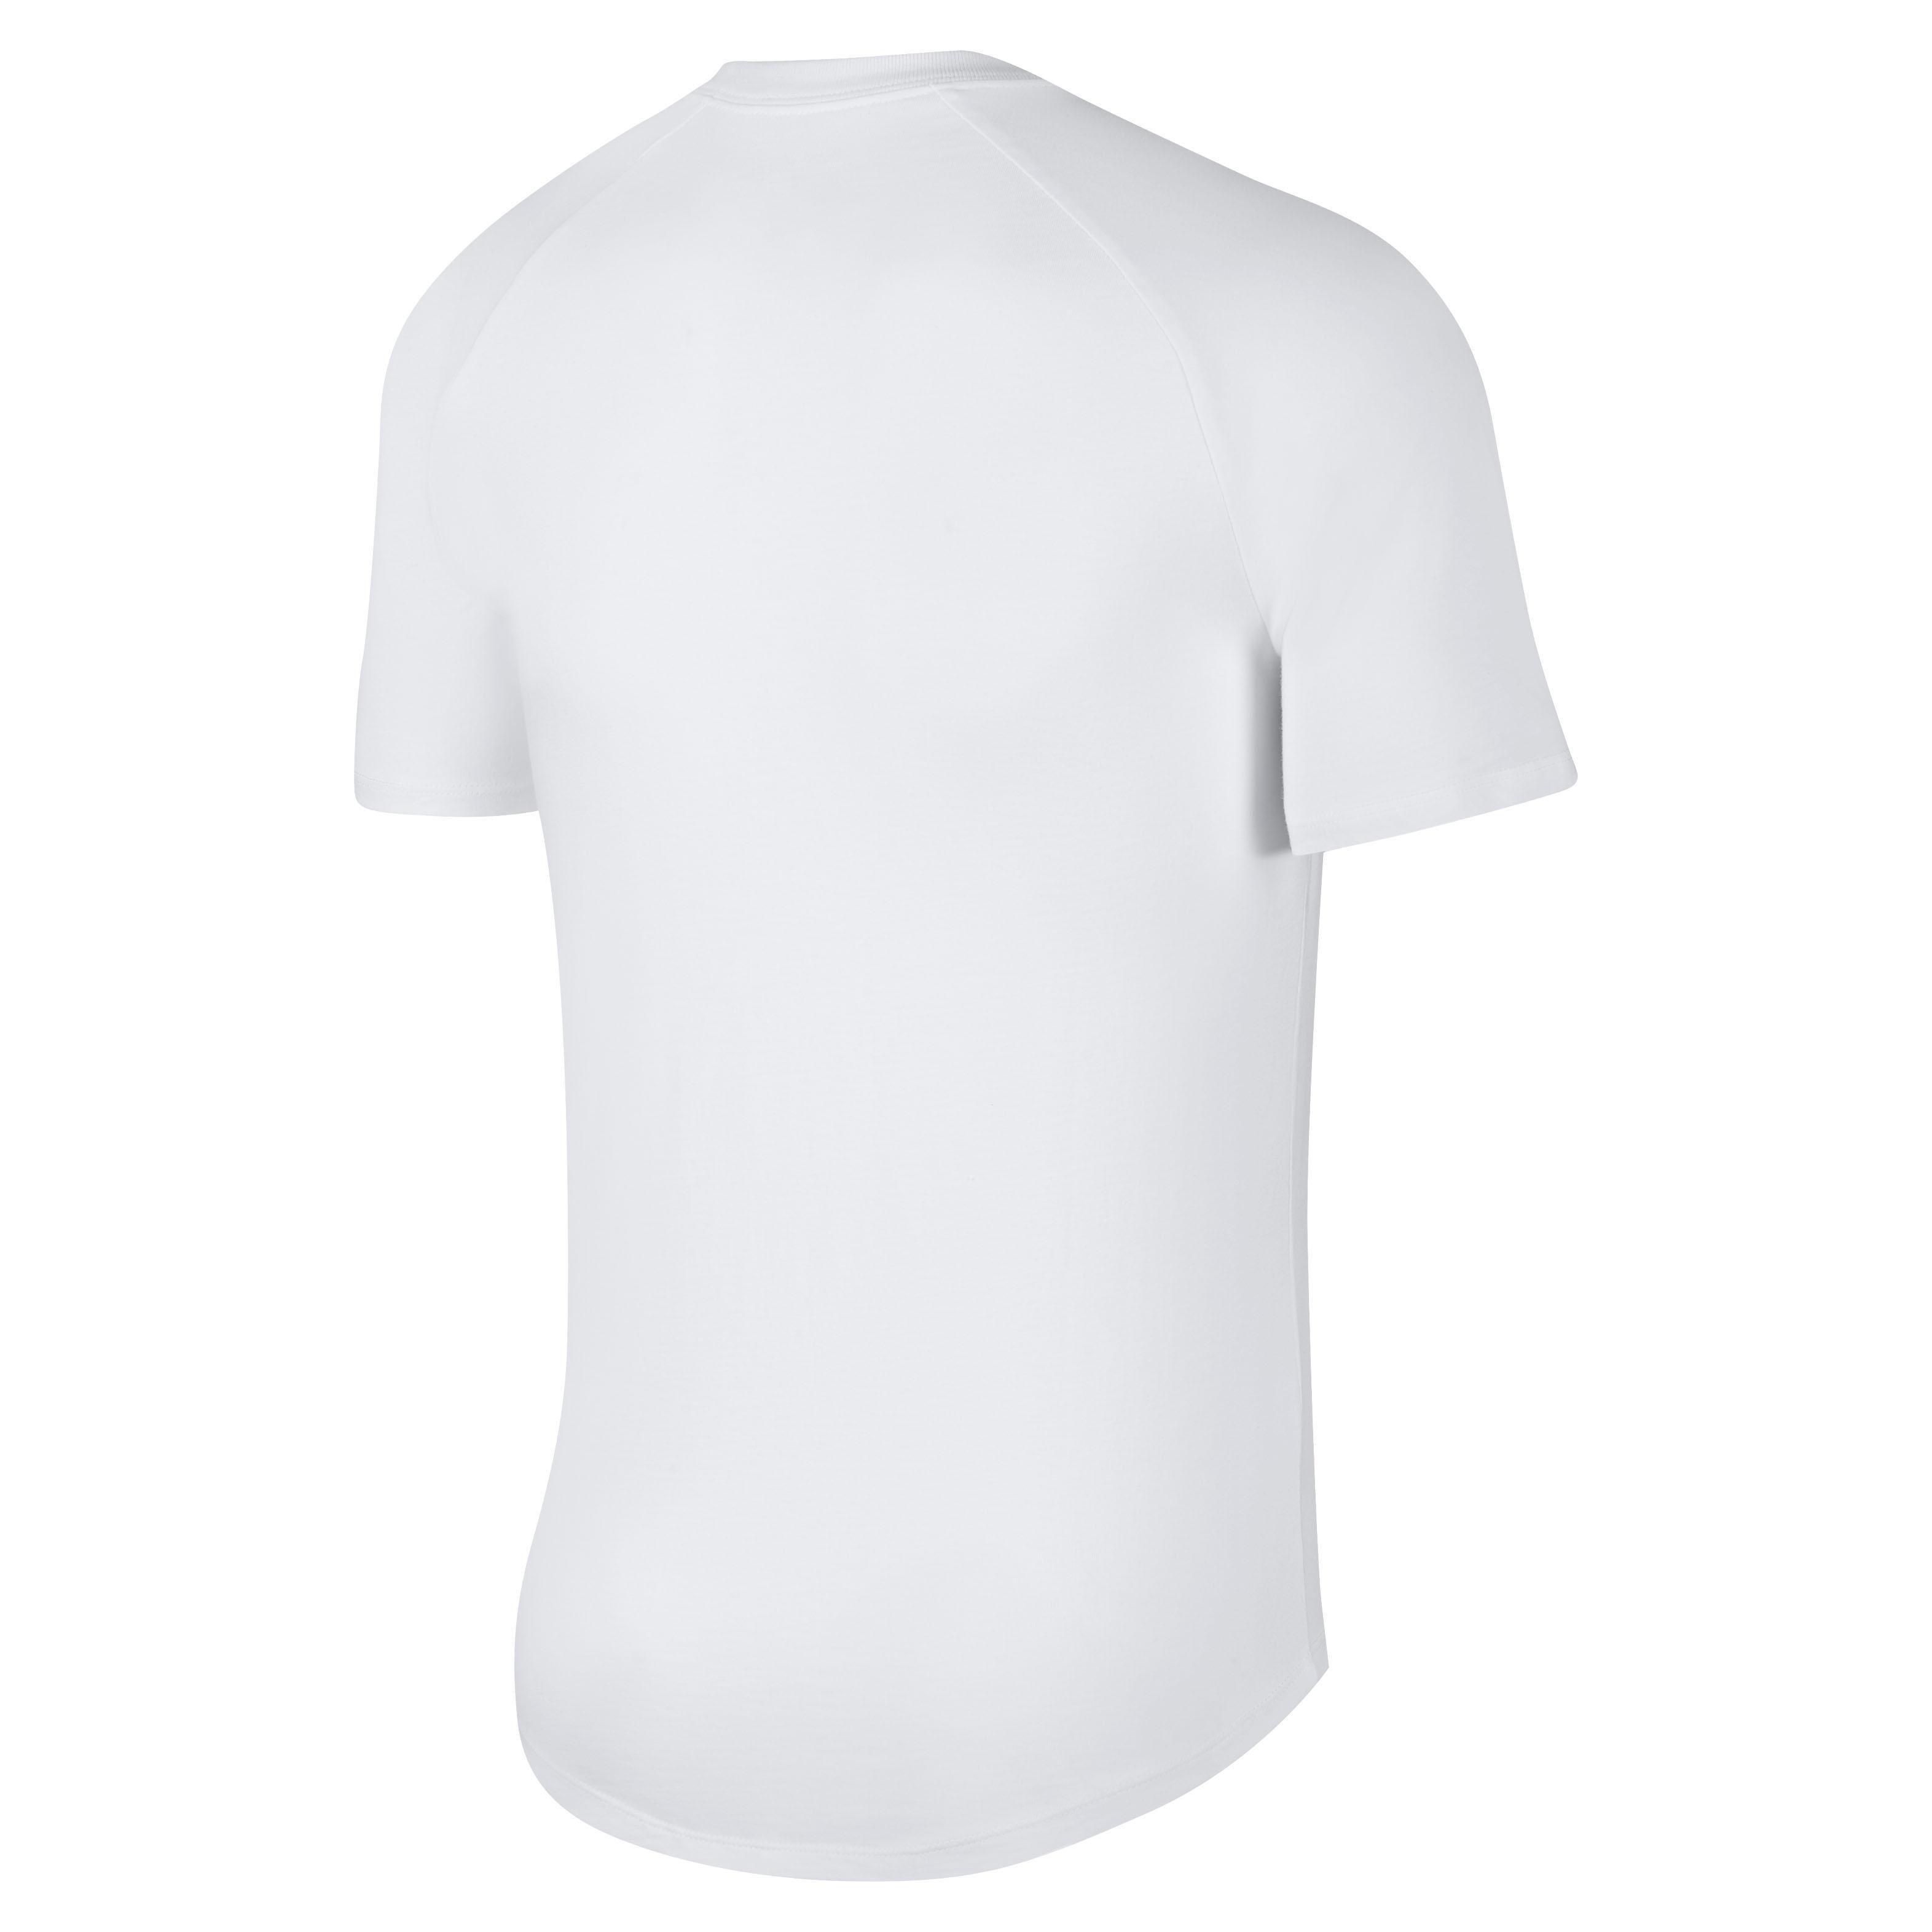 Nike Sportswear T-shirt nu online kopen bij OTTO